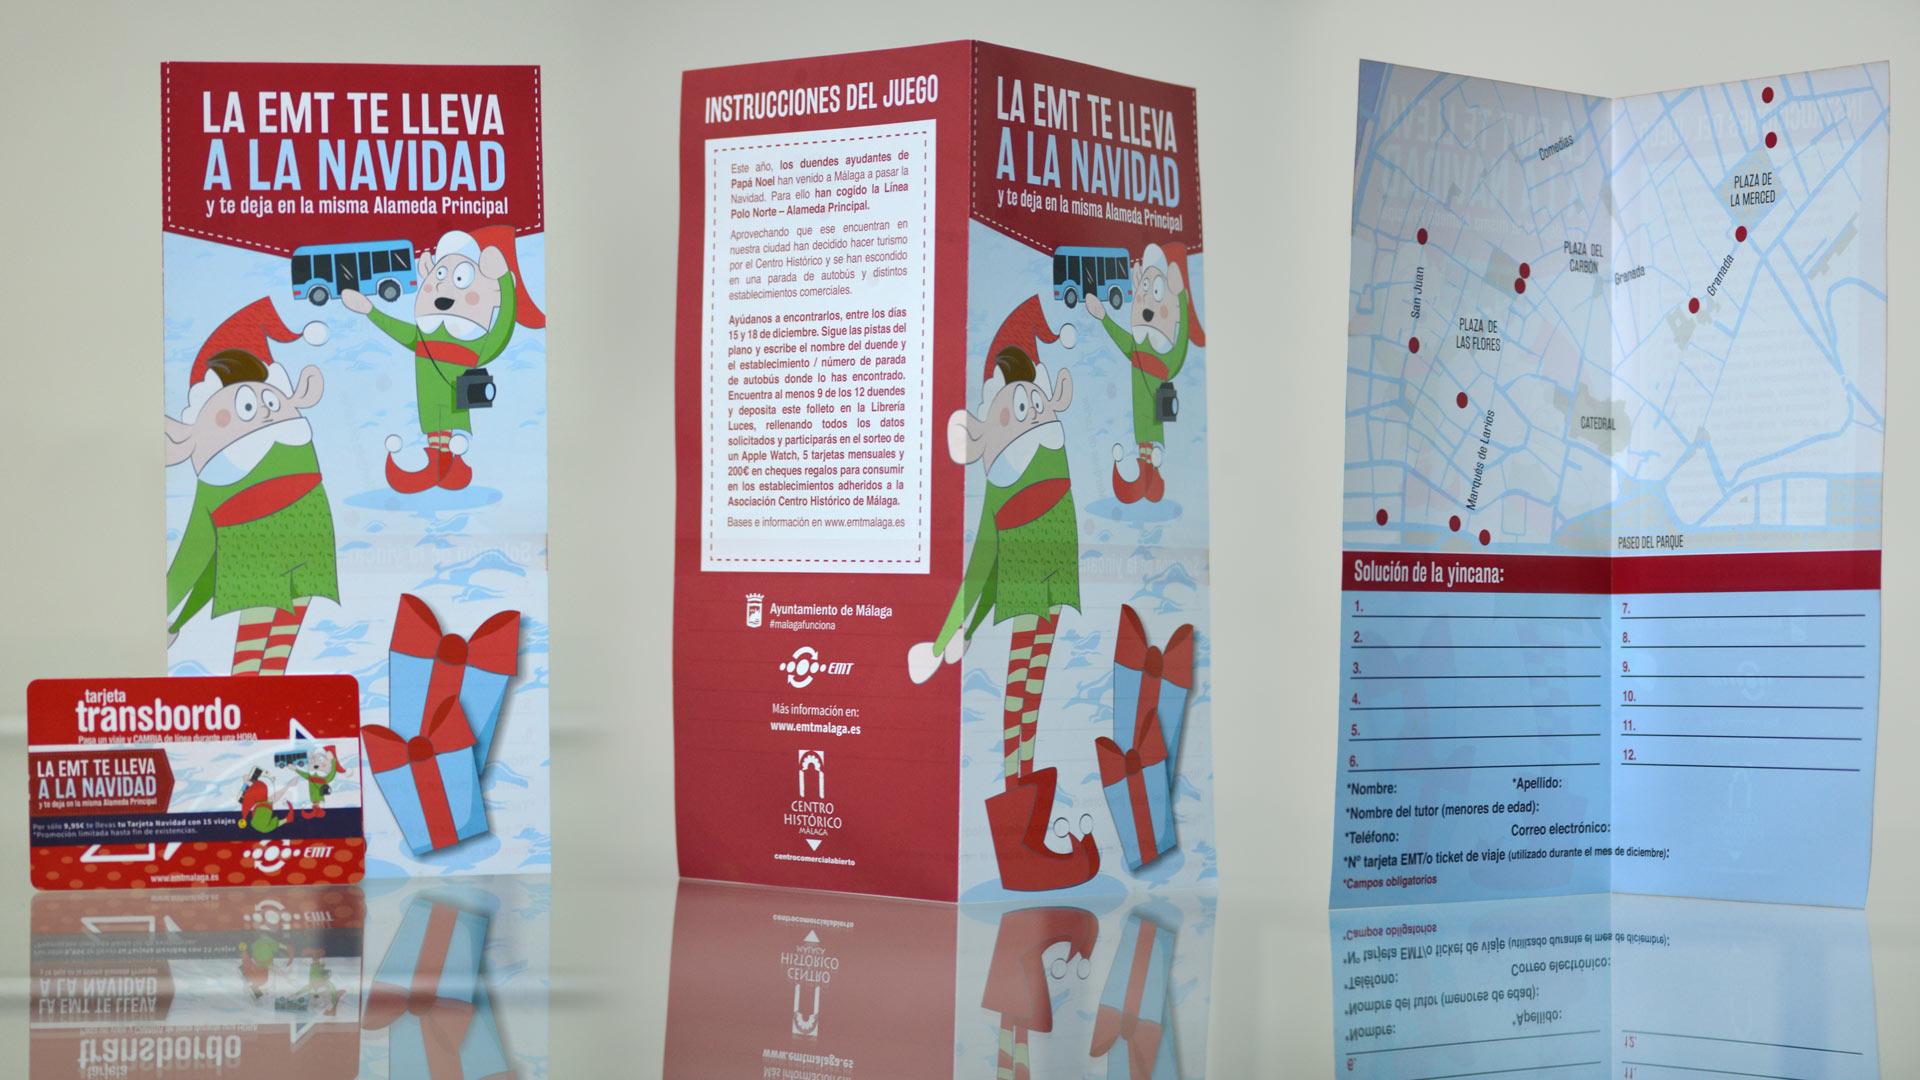 Papelería Campaña La EMT te lleva a la Navidad - SOYTUTIPO